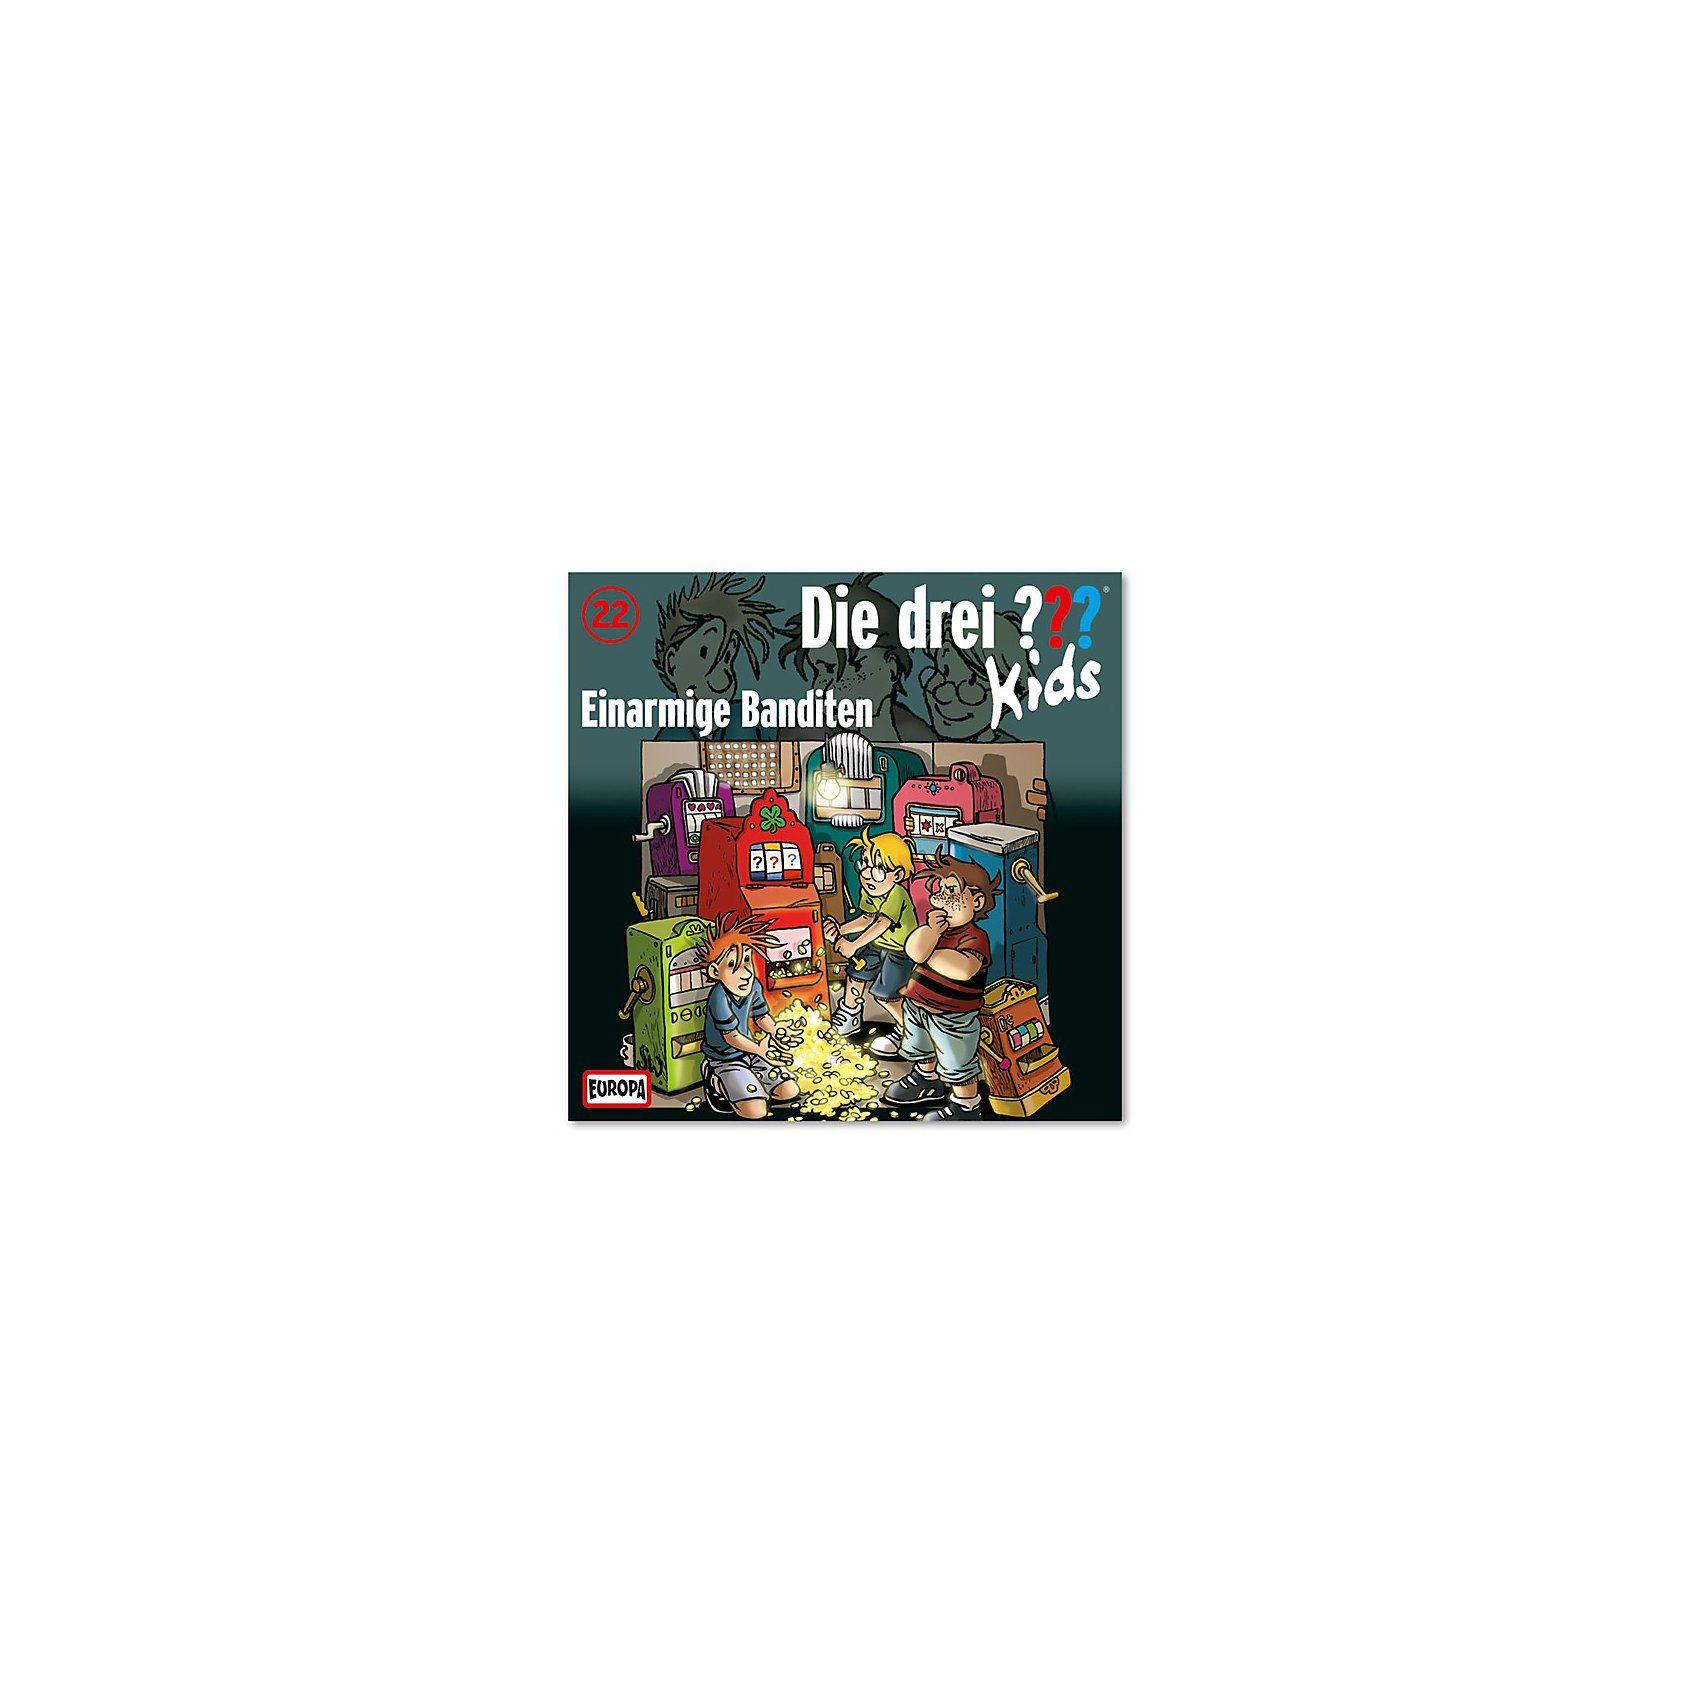 Sony CD Die drei ??? Kids 22 - Einarmige Banditen